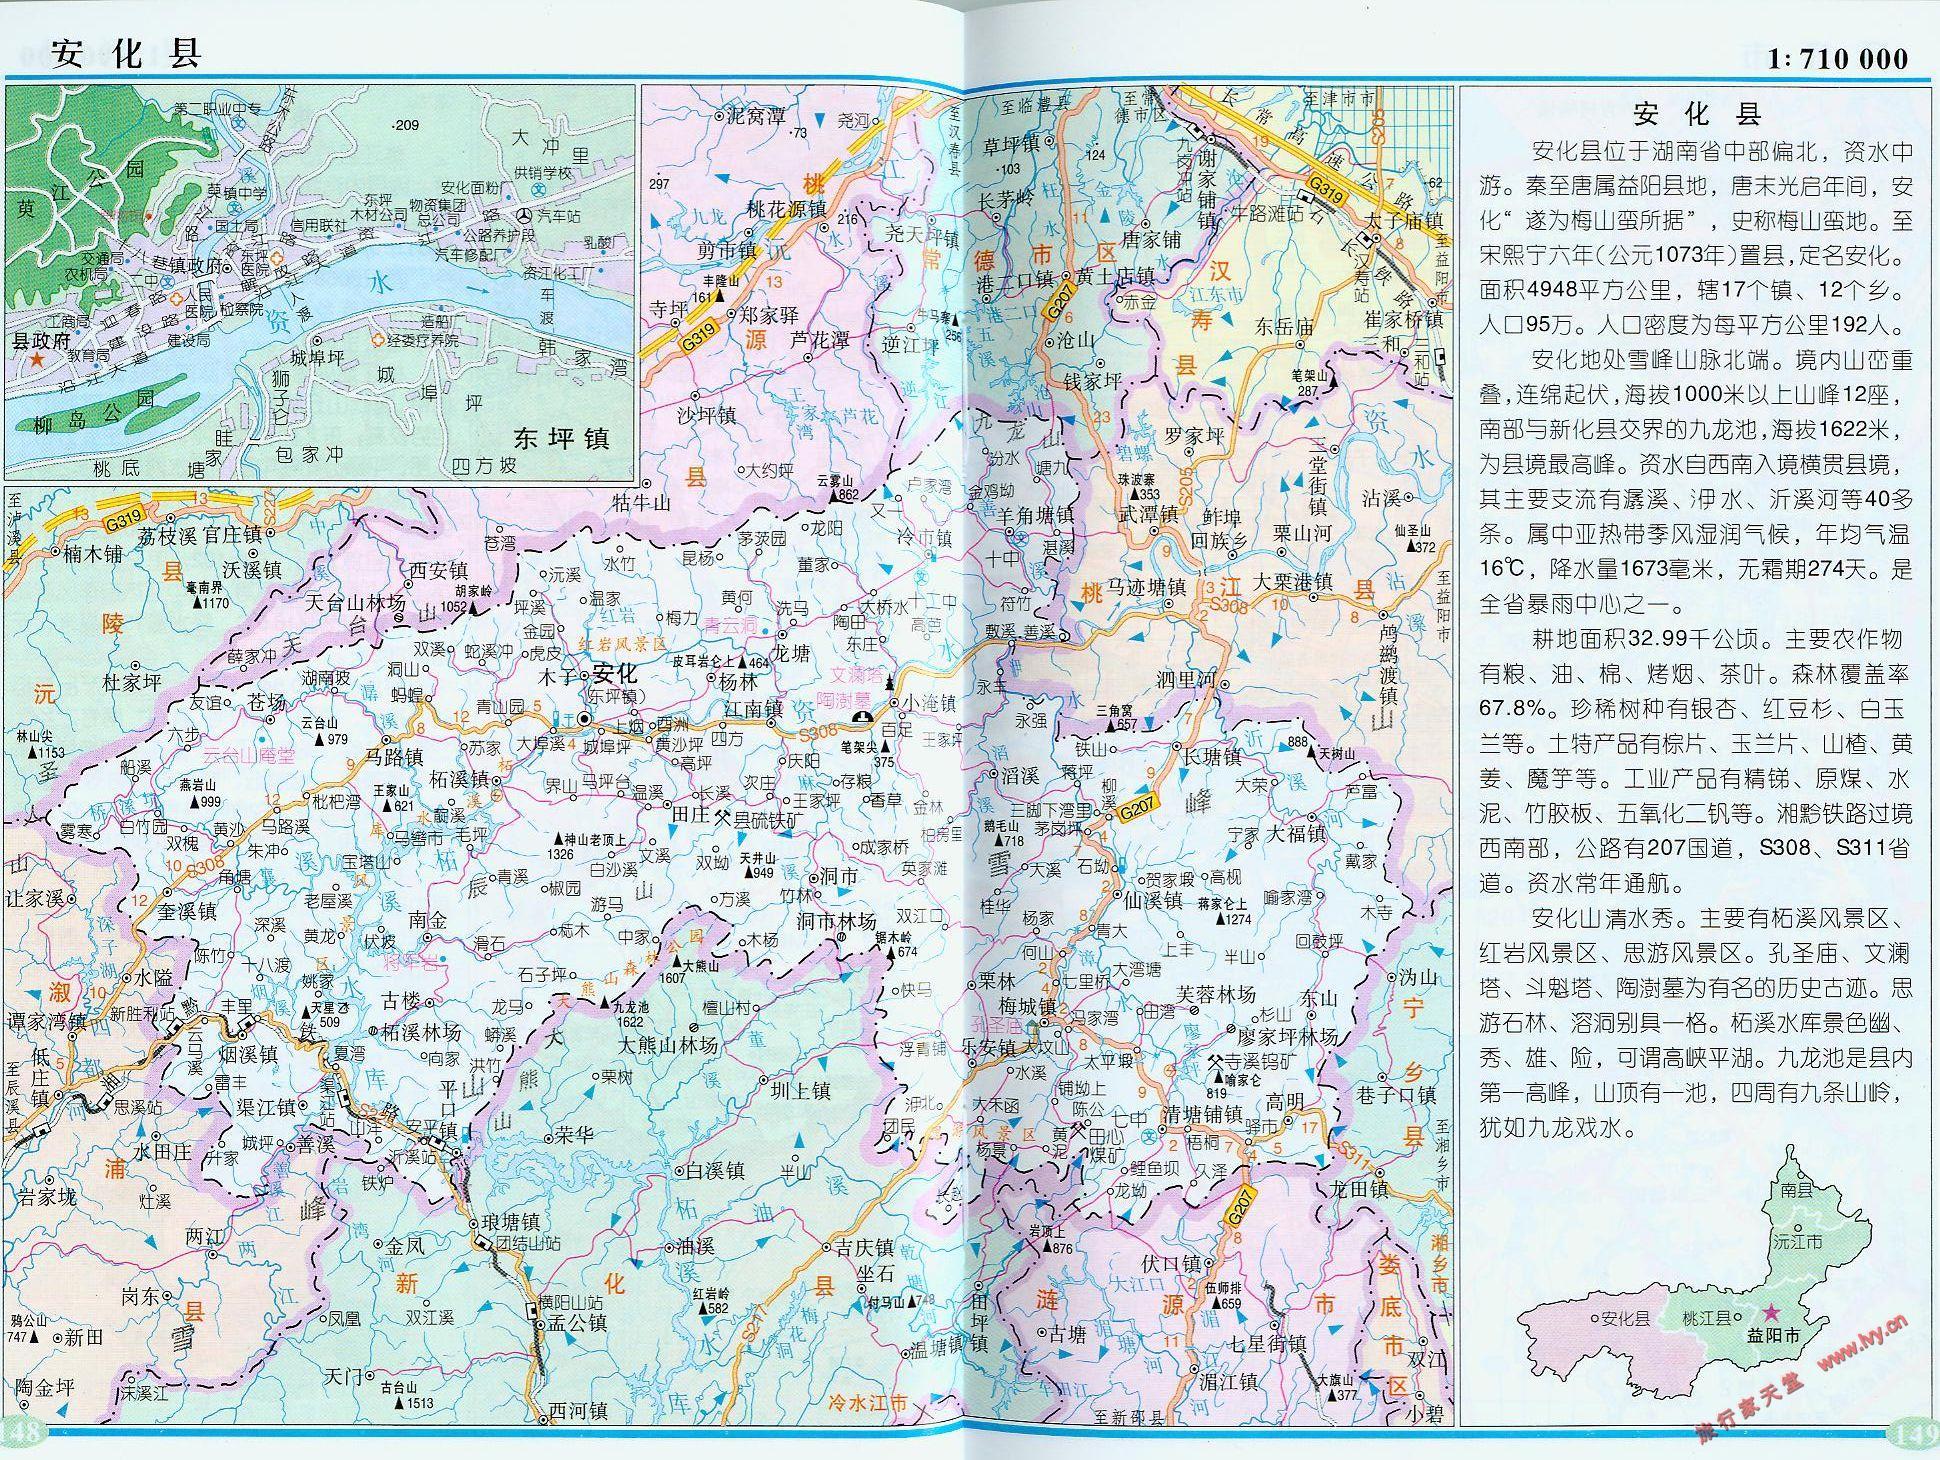 湖南娄底地图 湖南省娄底市区地图 湖南省娄底地图 湖南娄底交通地图